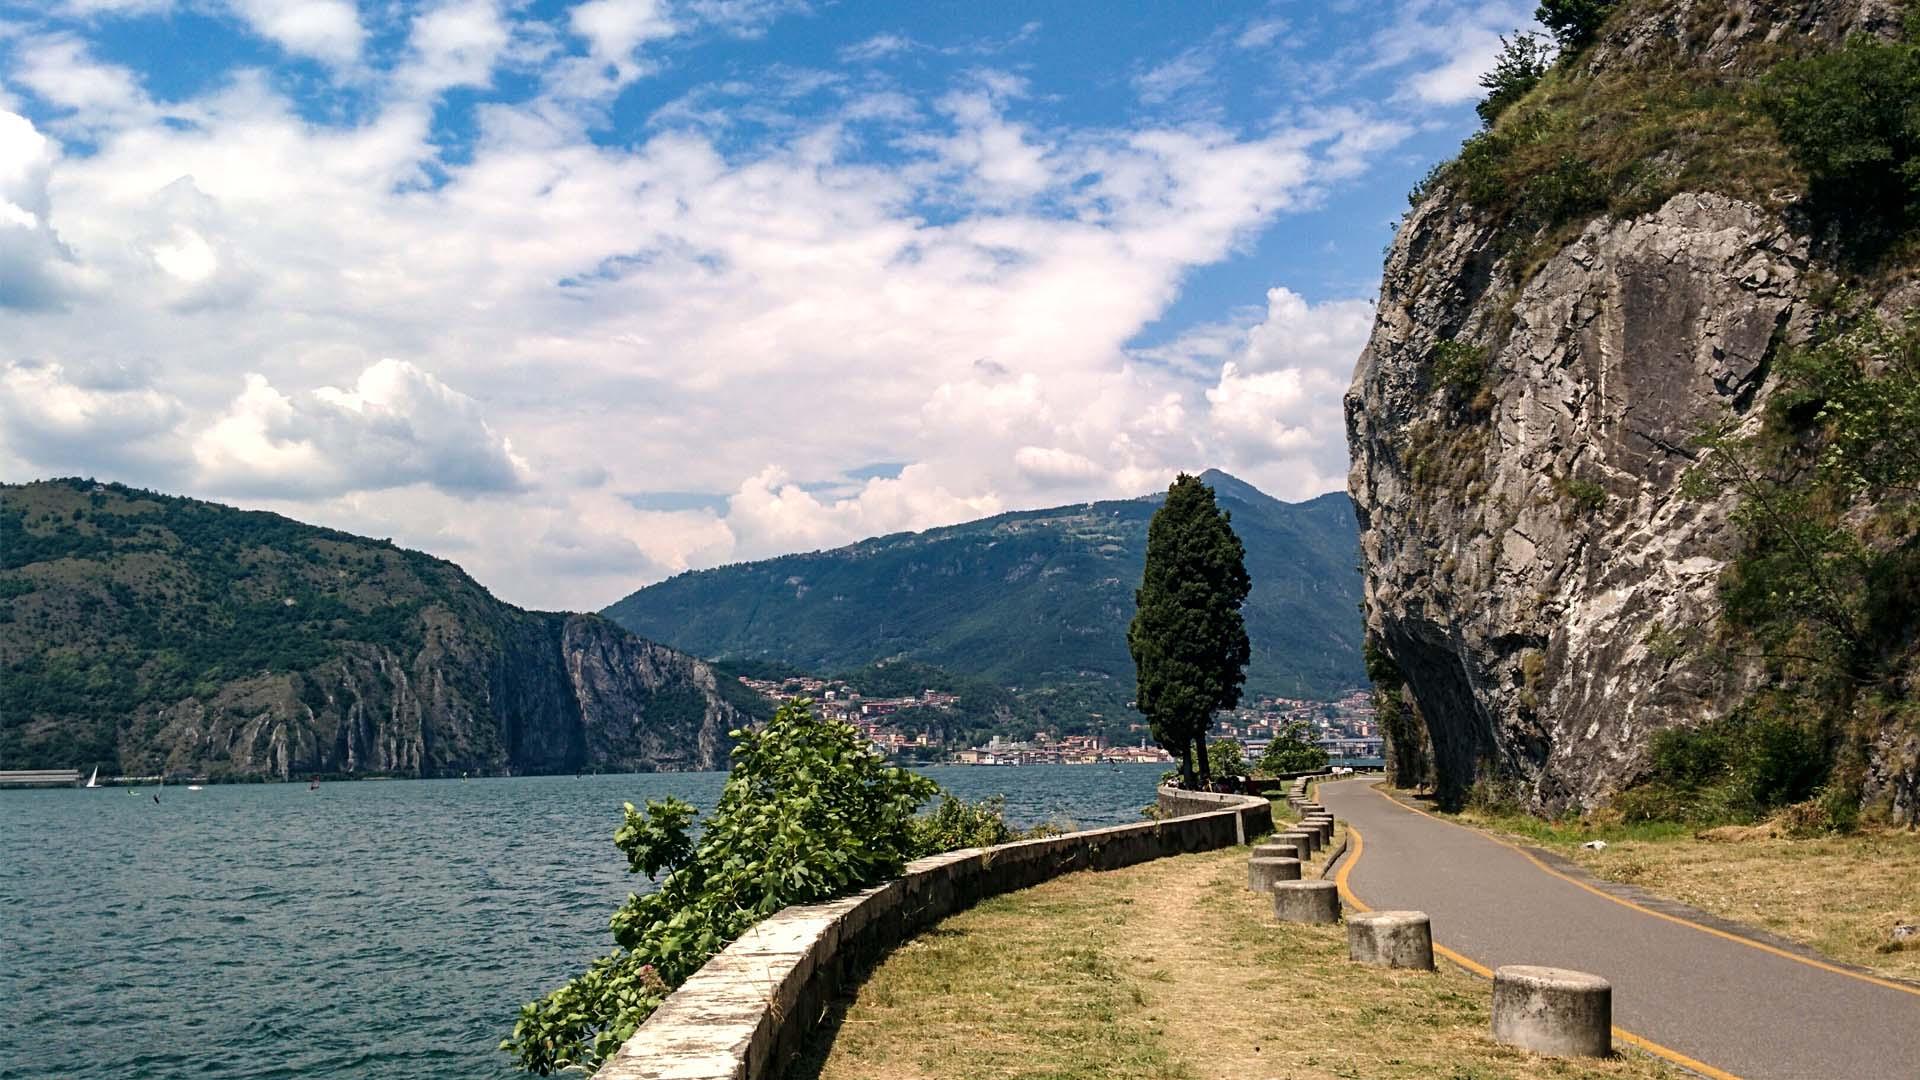 Itinerari fuori porta - Lombardia, itinerarium